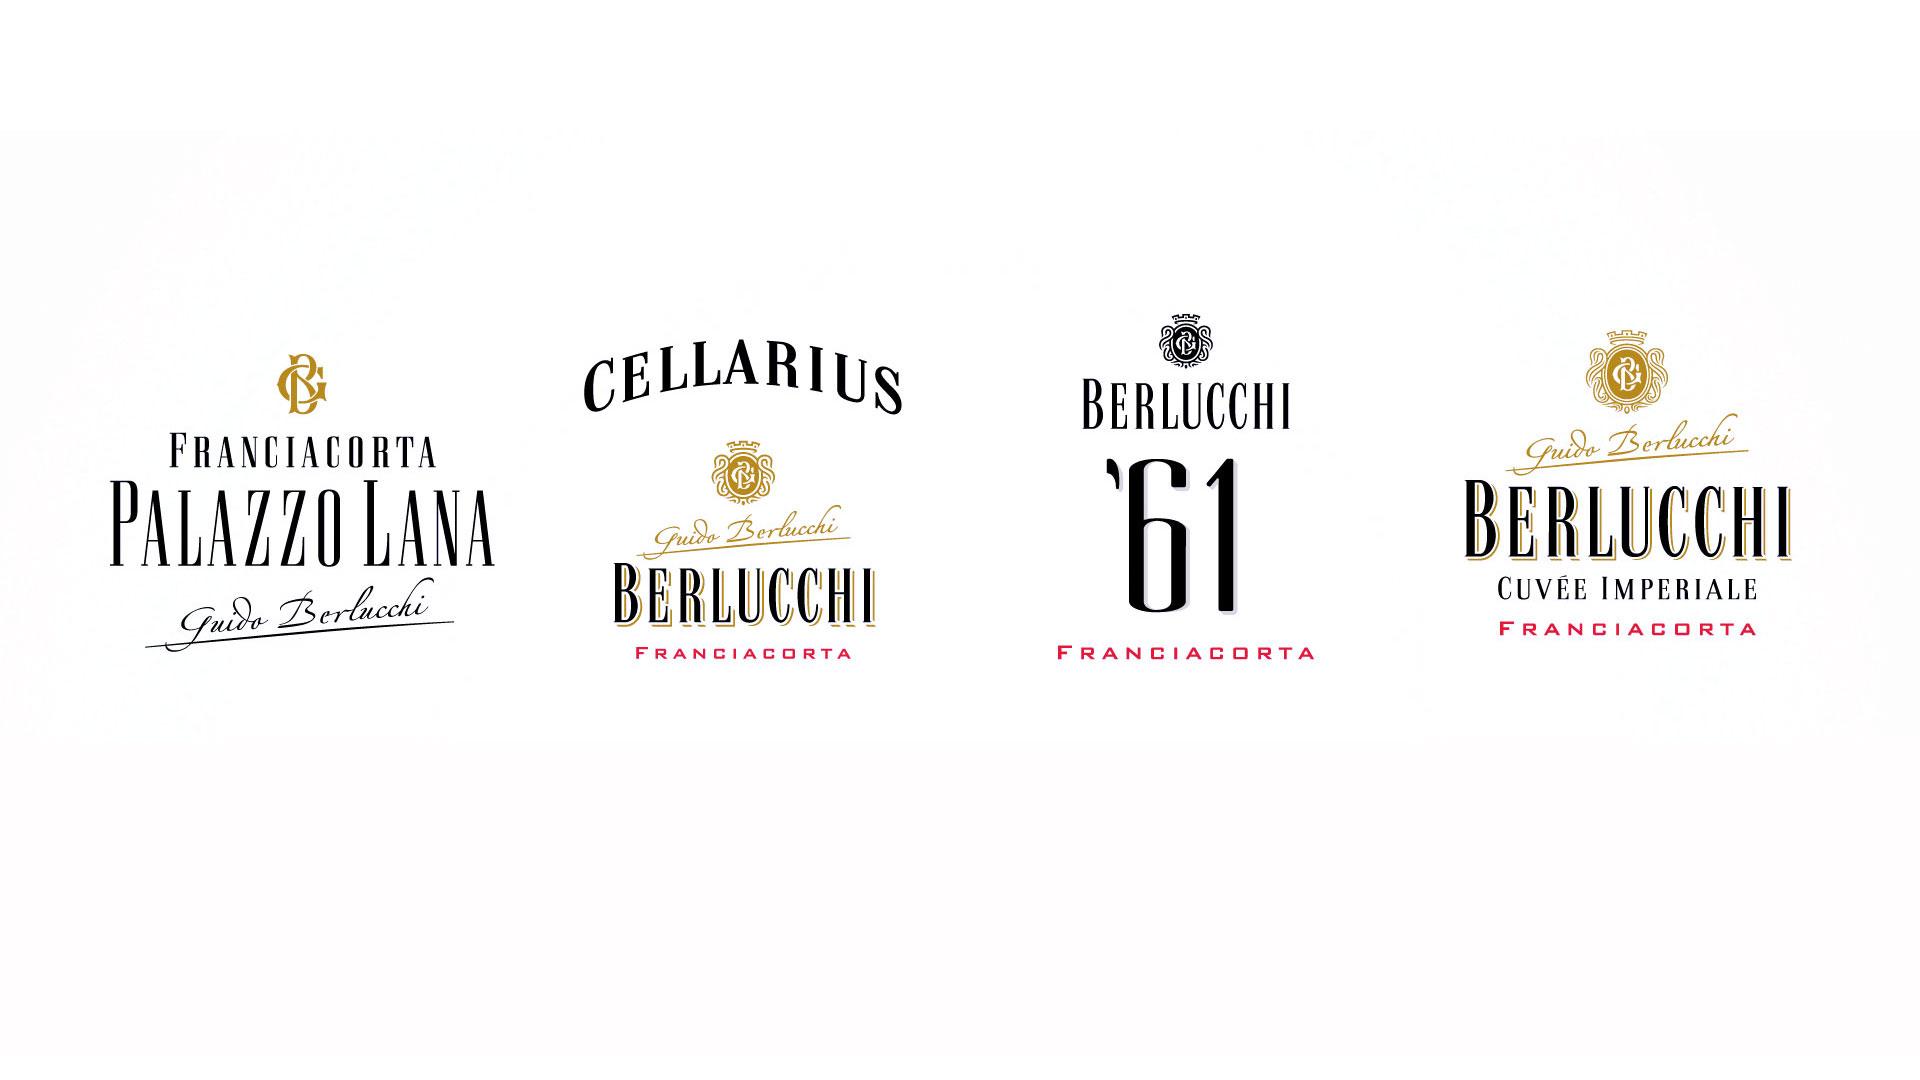 Guido Berlucchi linea brands